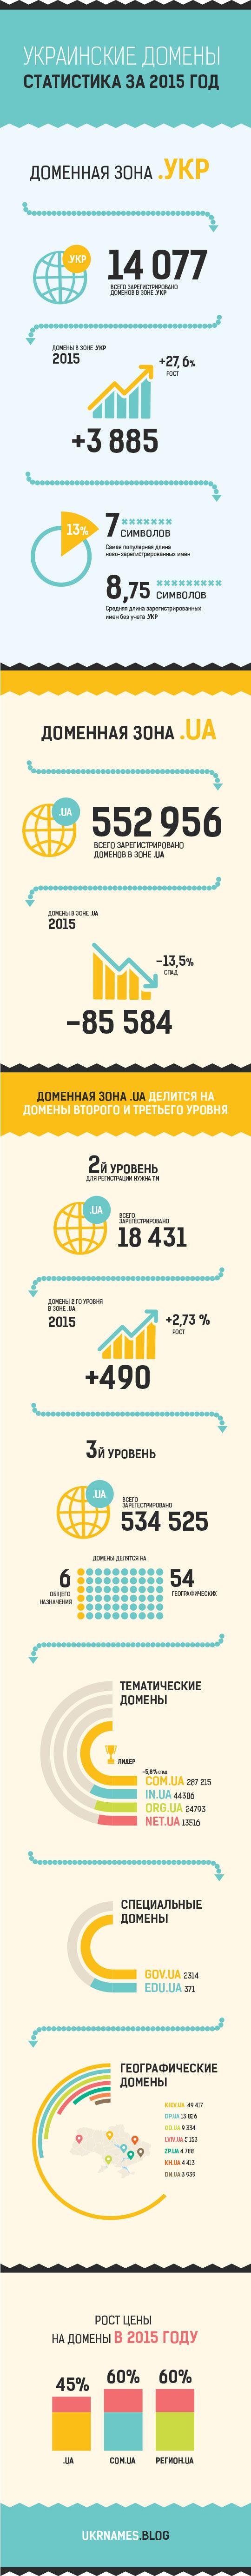 инфографика по доменам